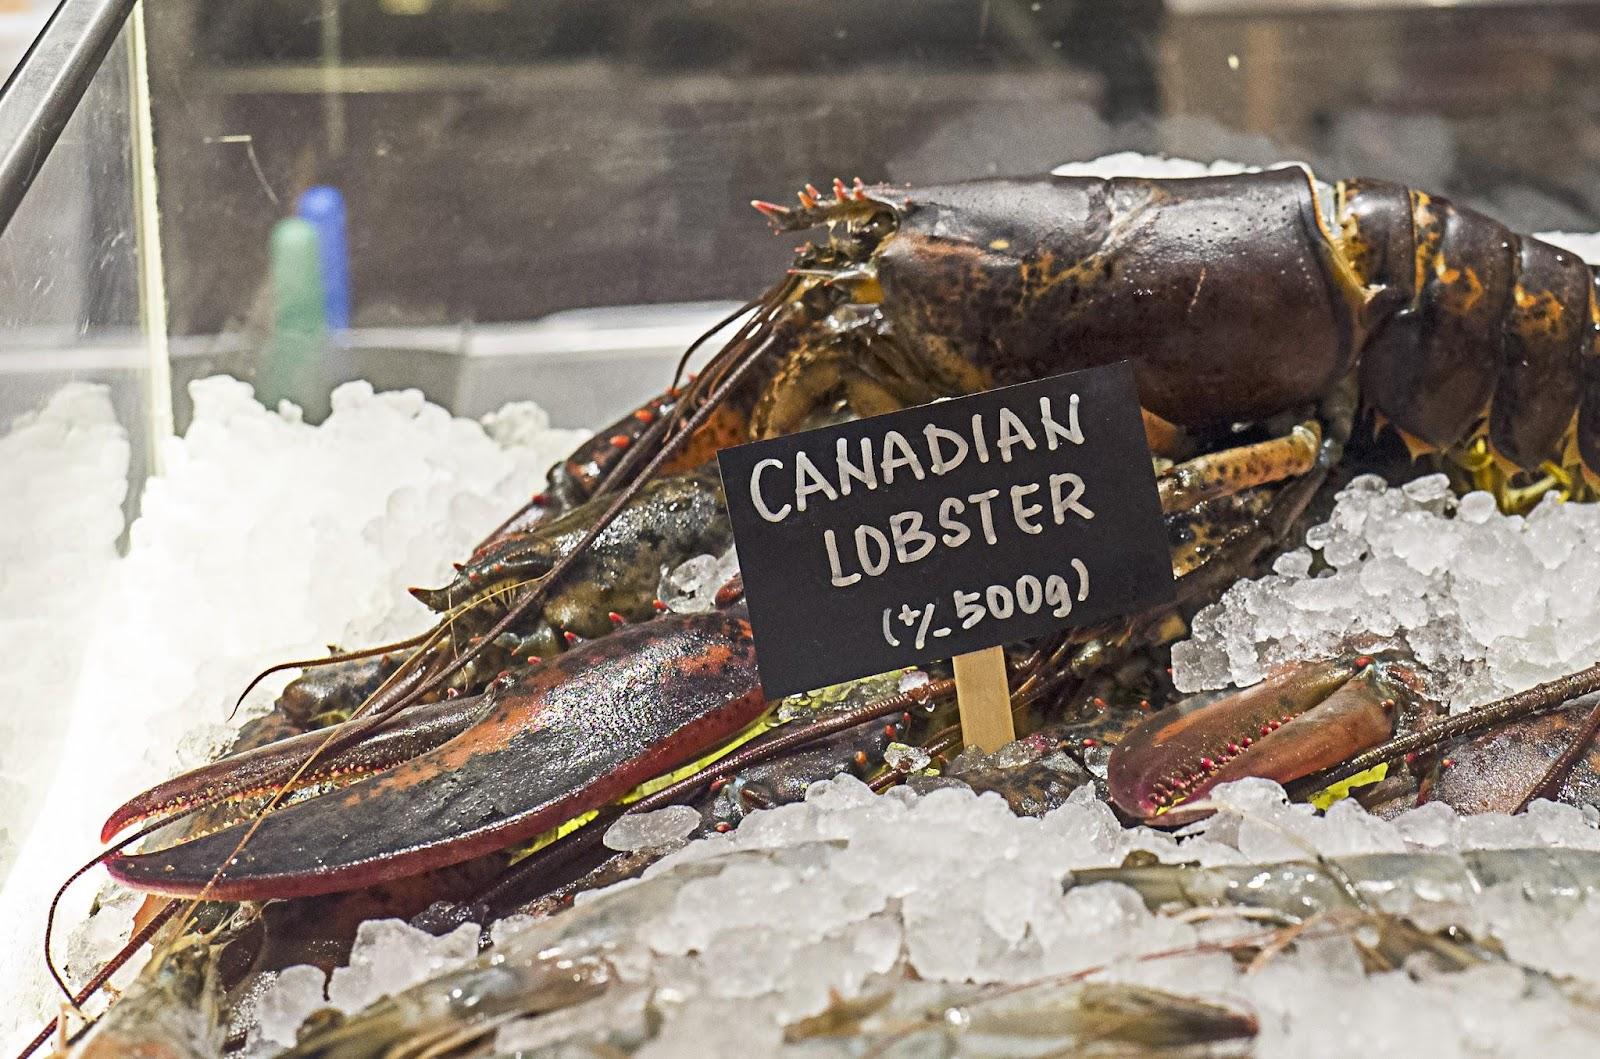 f-lobster-L1100424.jpg